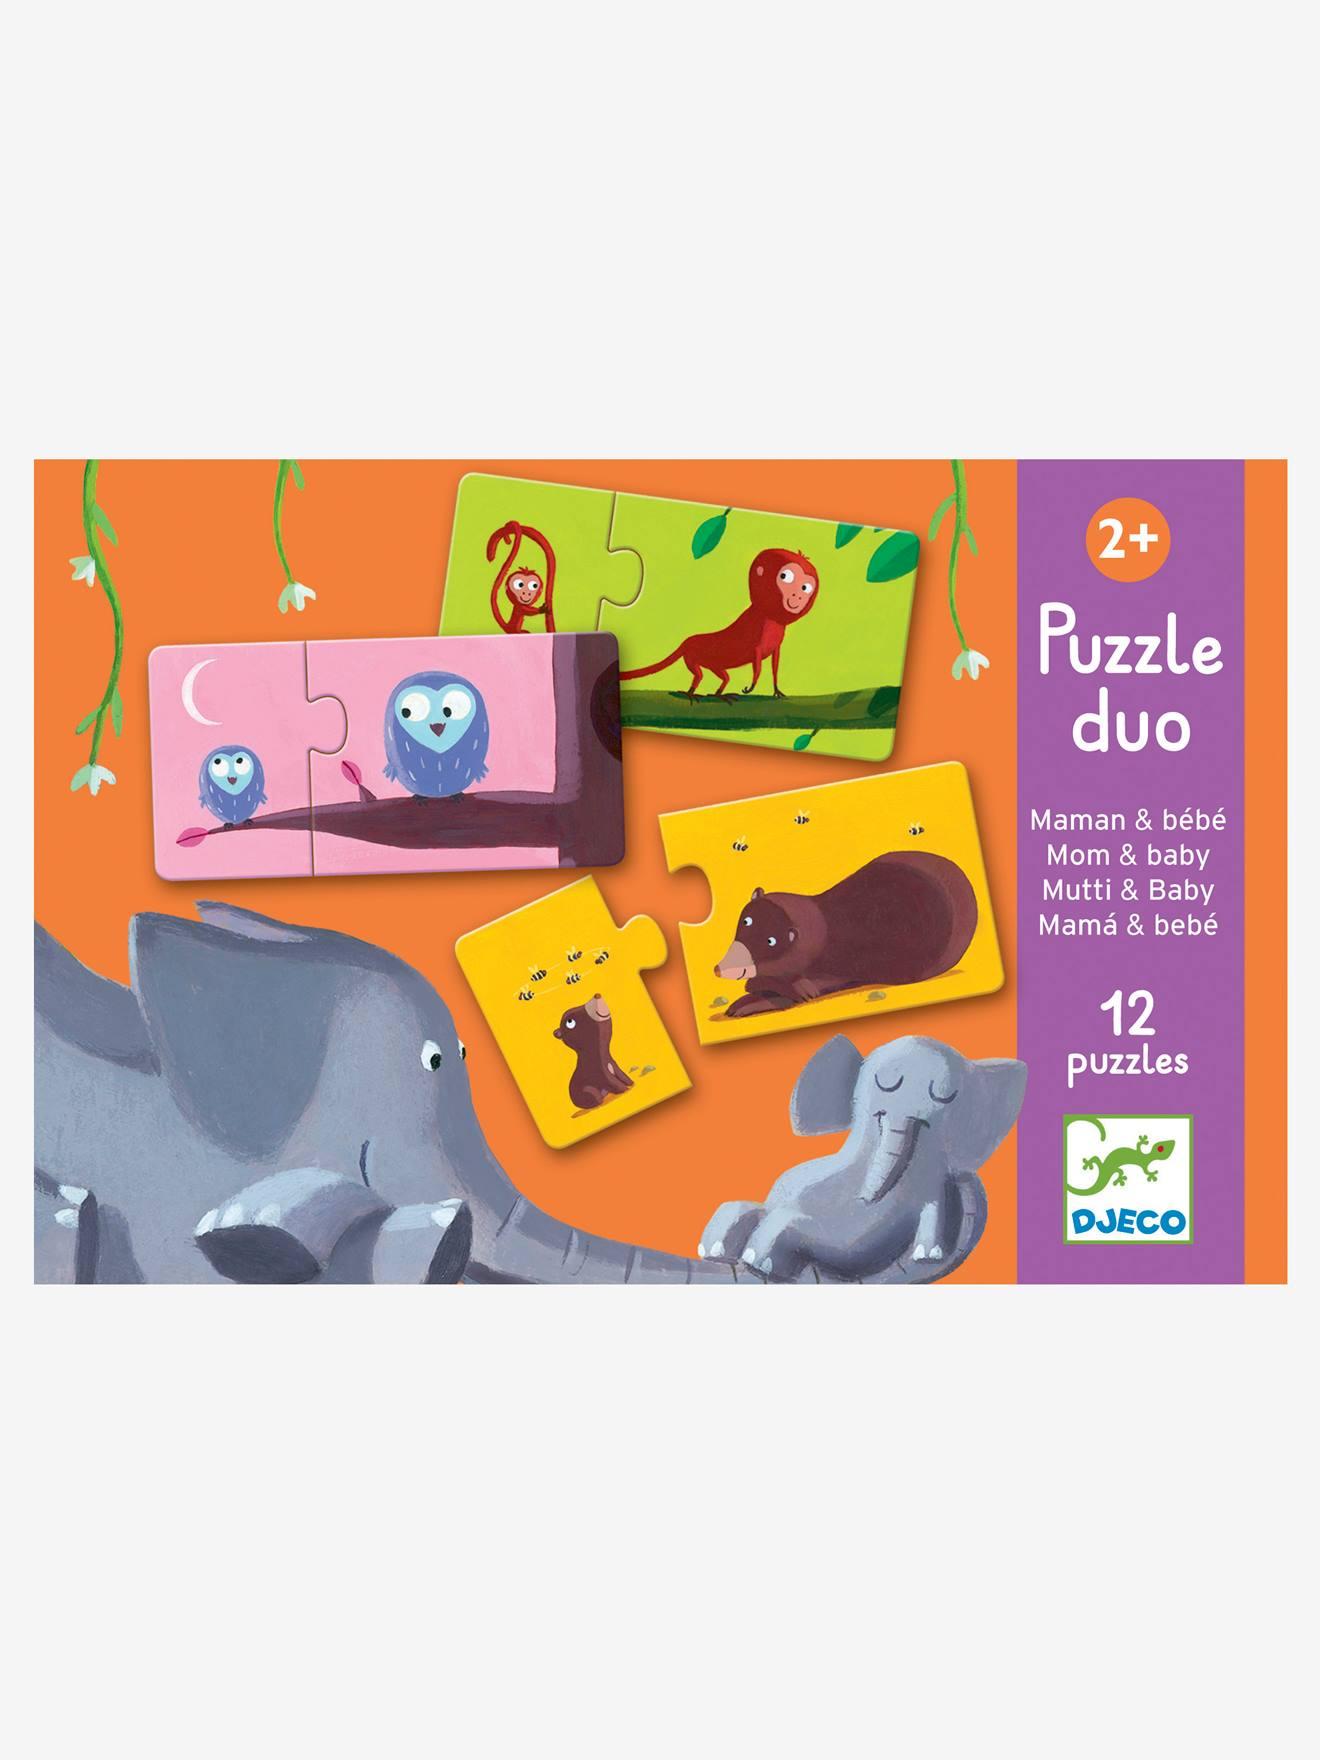 Puzzle duo Maman et Bébé DJECO multicolore